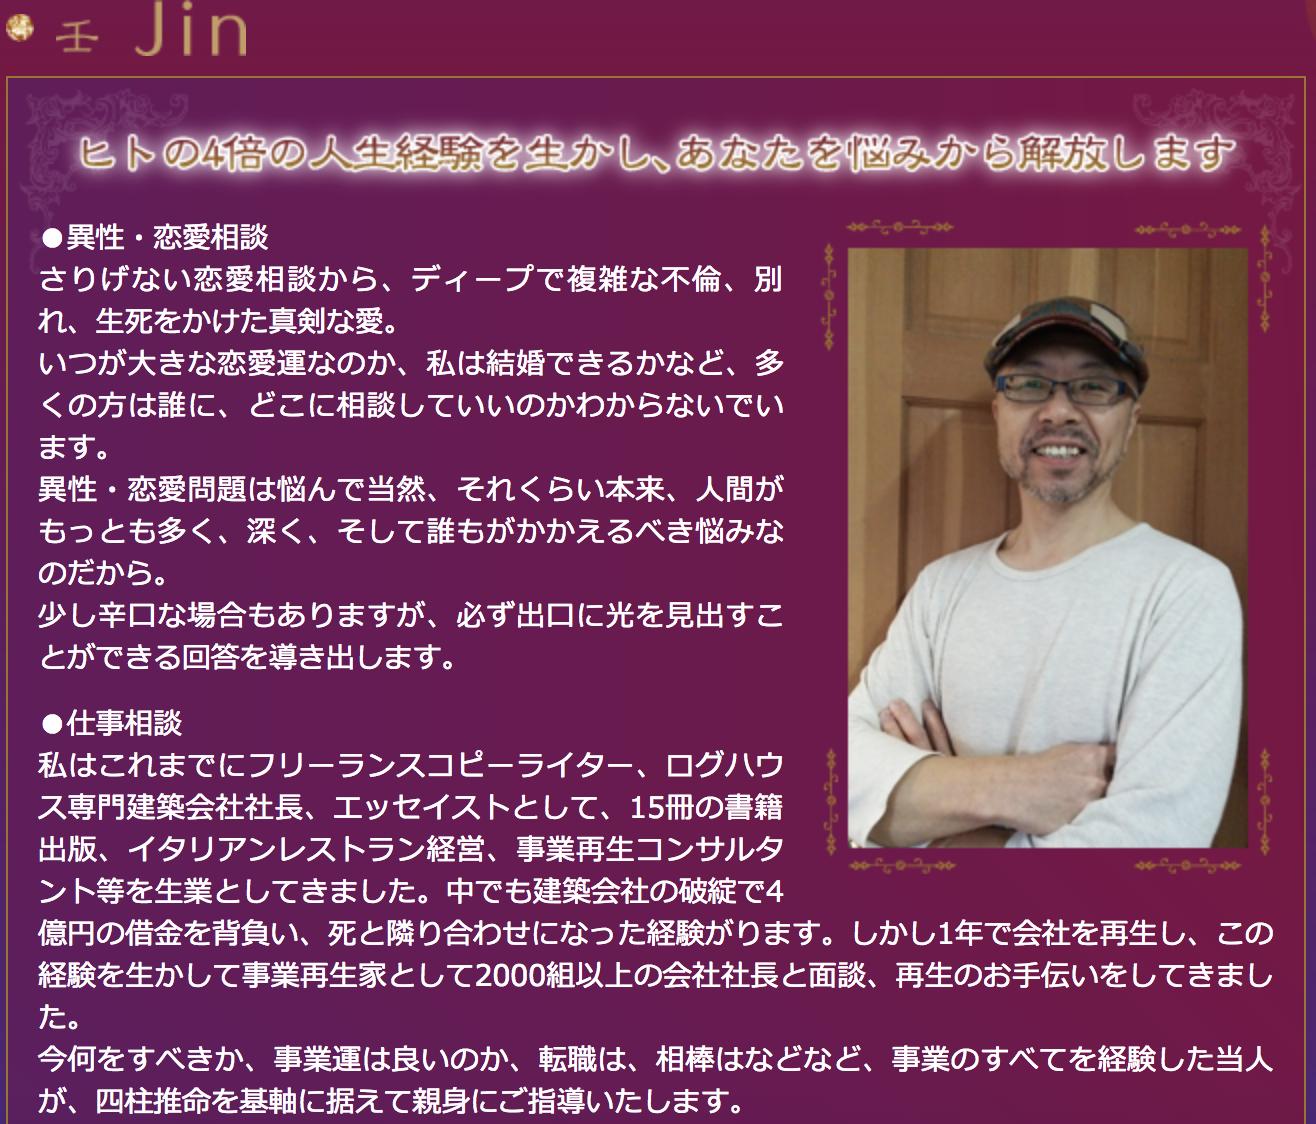 たいようの館でおすすめな占い師:JIN先生